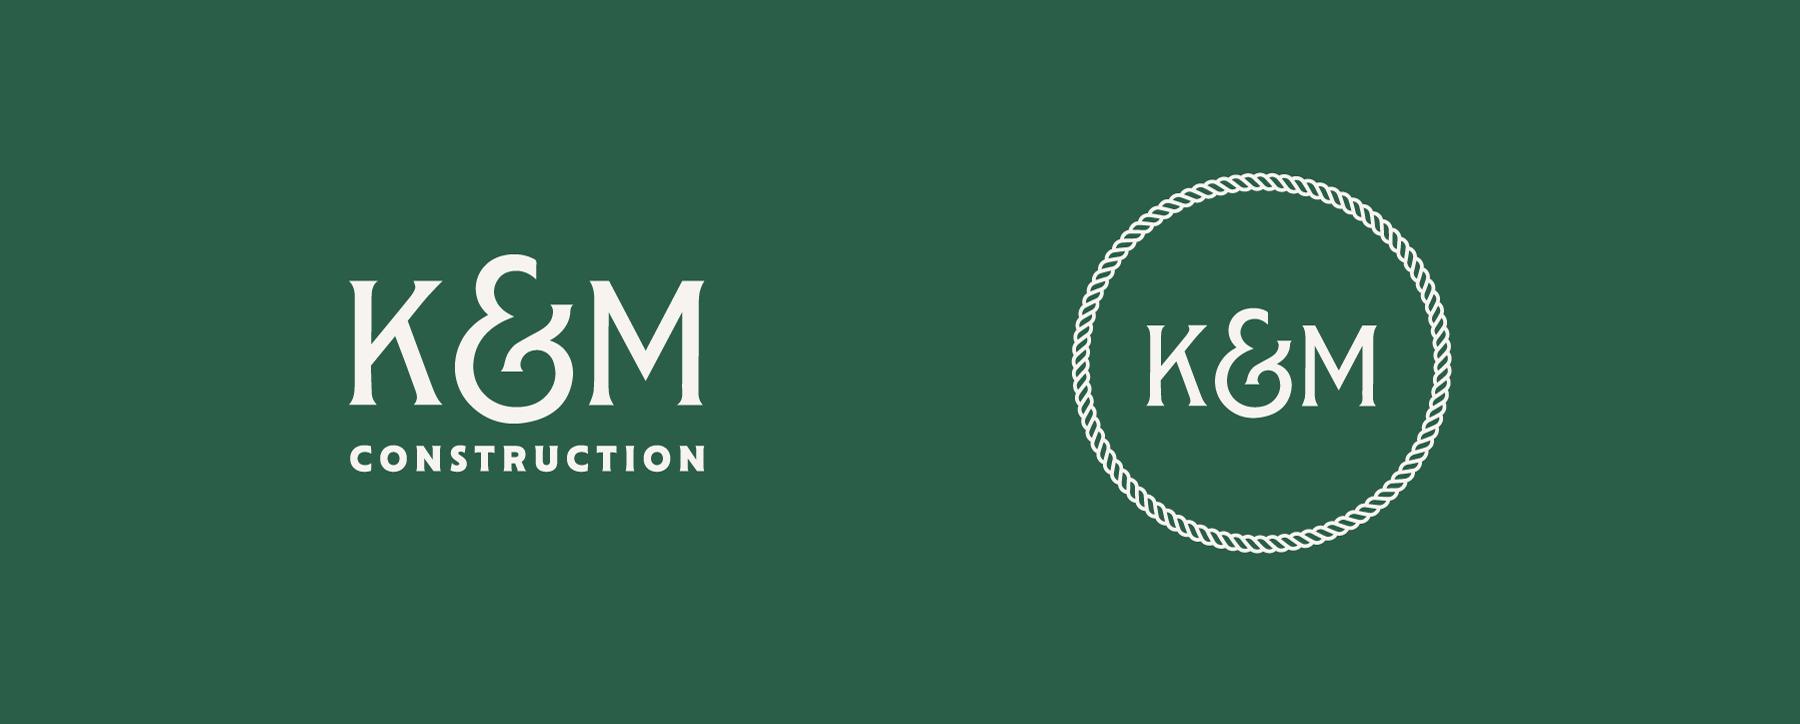 km-sub-logos.png